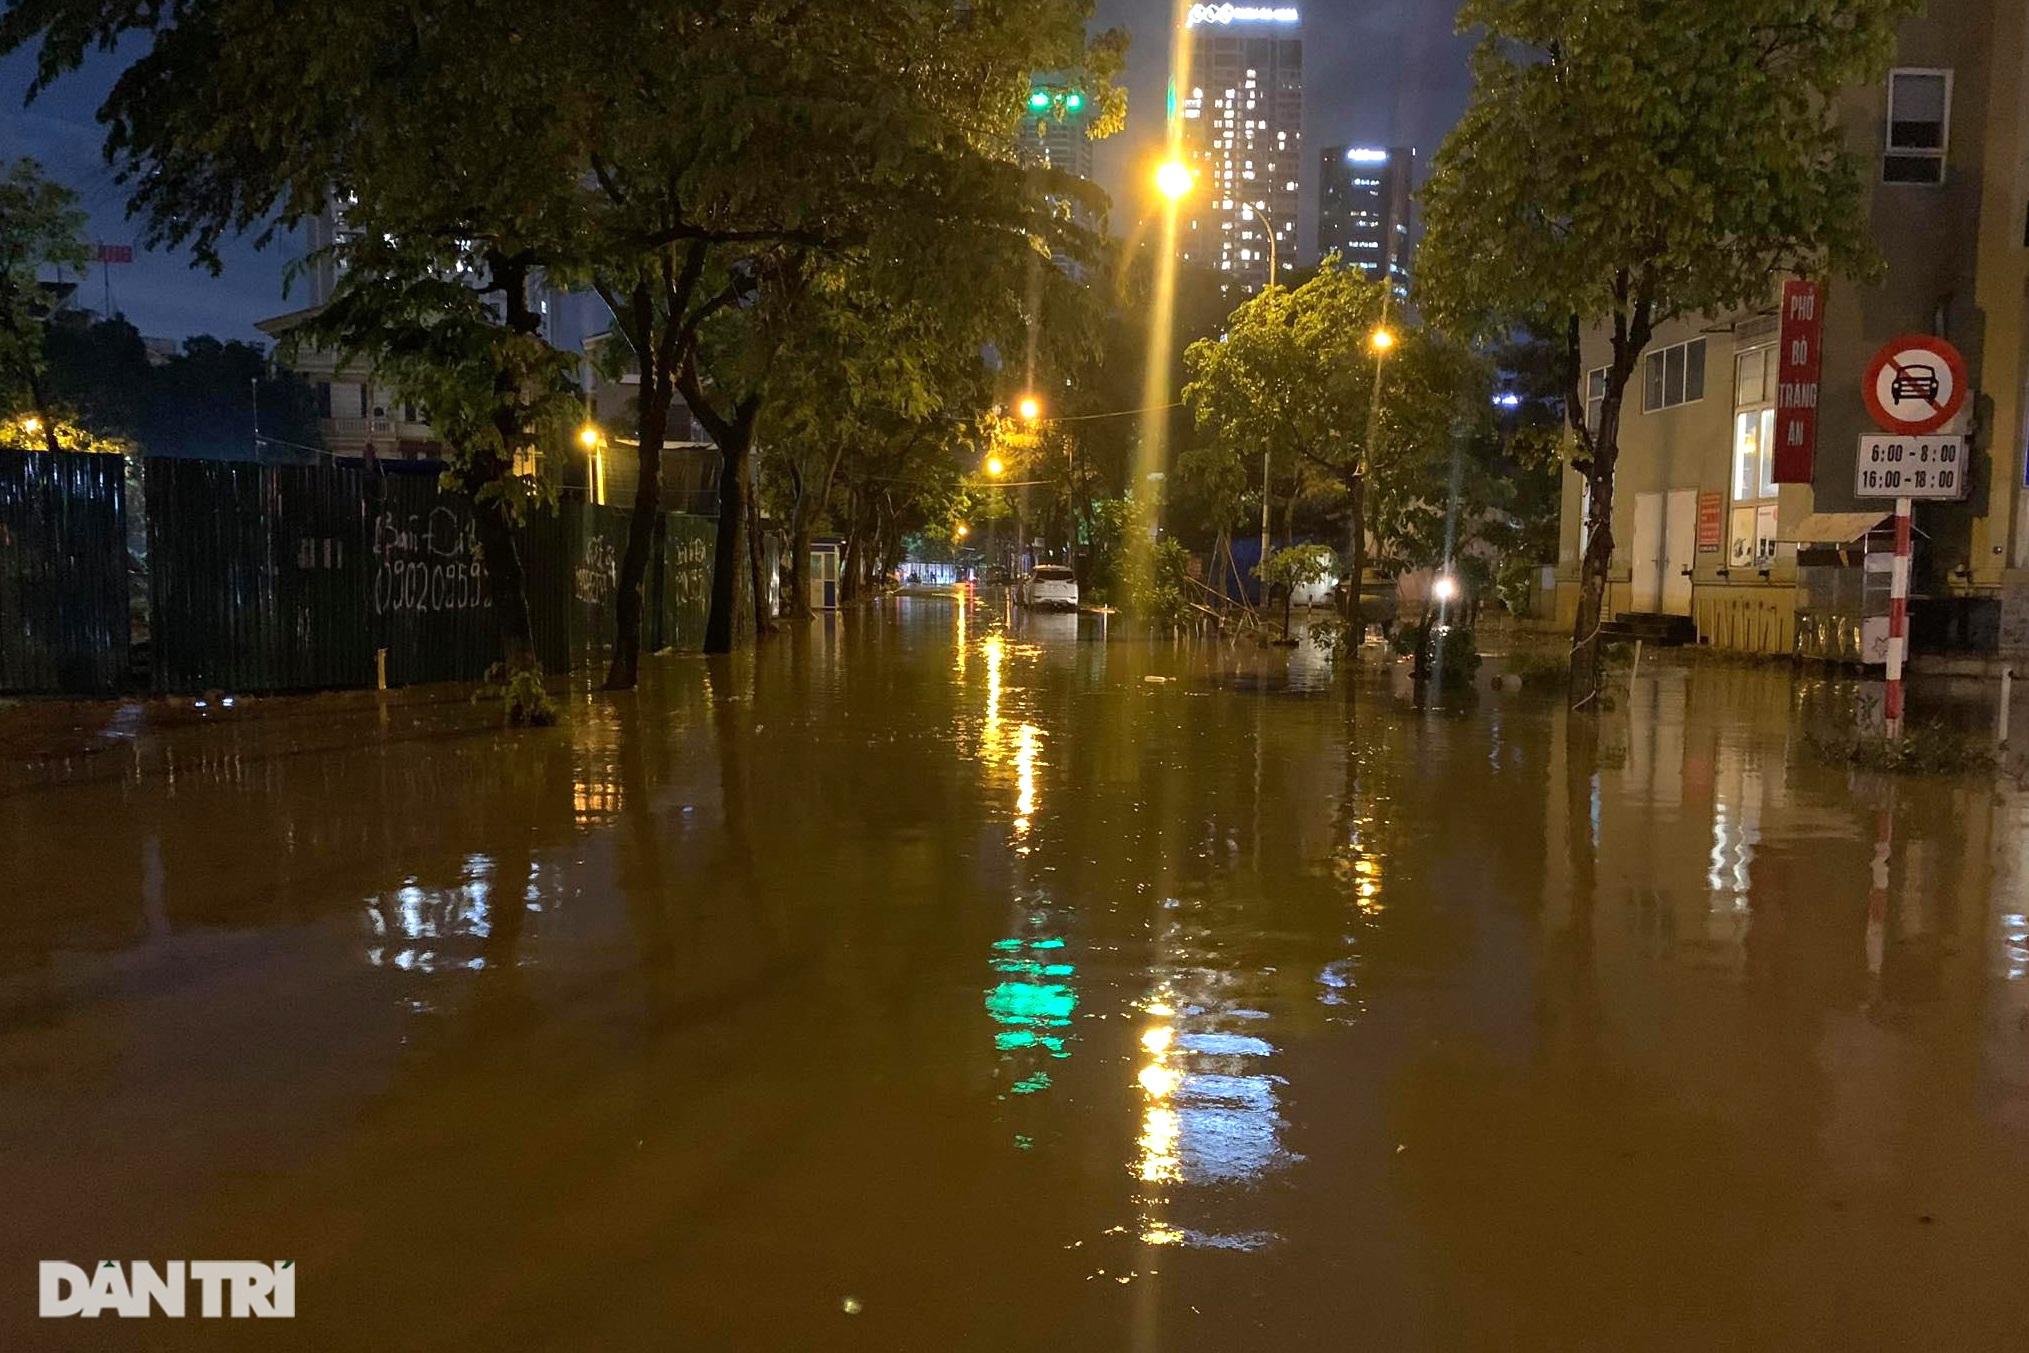 Hà Nội ngập sâu trong nước sau cơn mưa ngắn chưa đầy 1 tiếng đồng hồ - 20